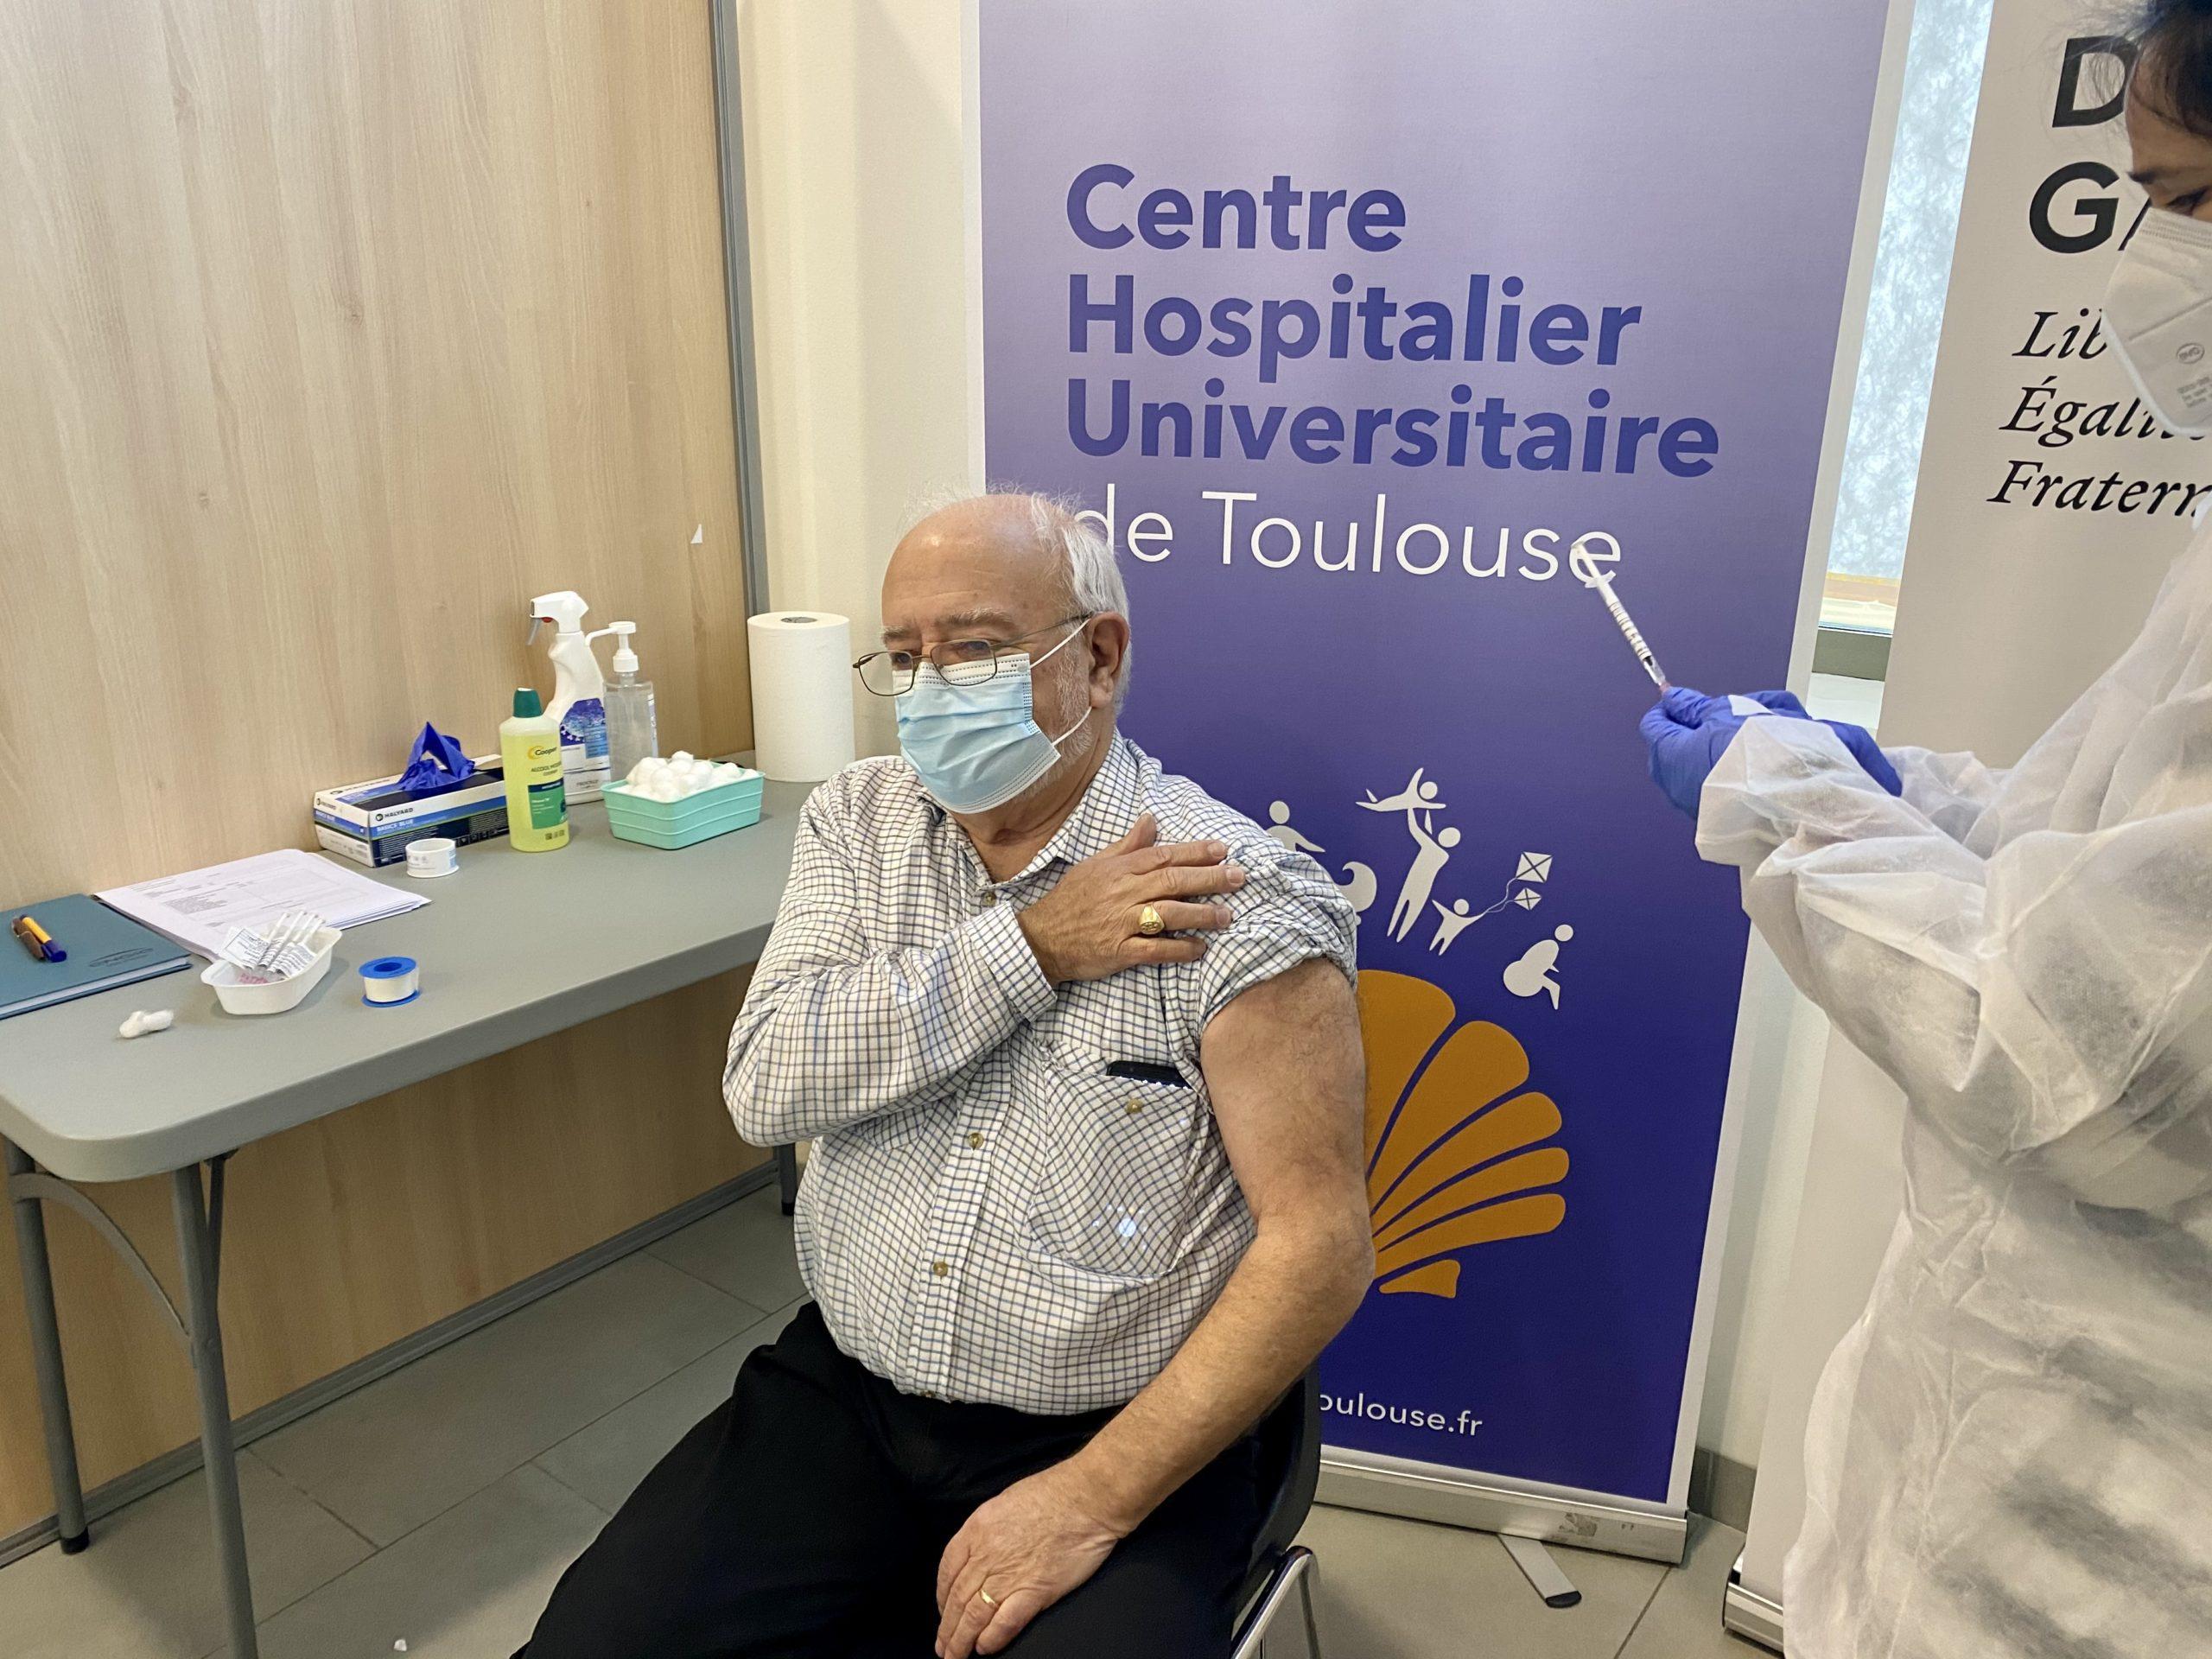 Christian est le premier vacciné du centre à Castanet-Tolosan près de Toulouse. Crédit : Guillaume Pannetier